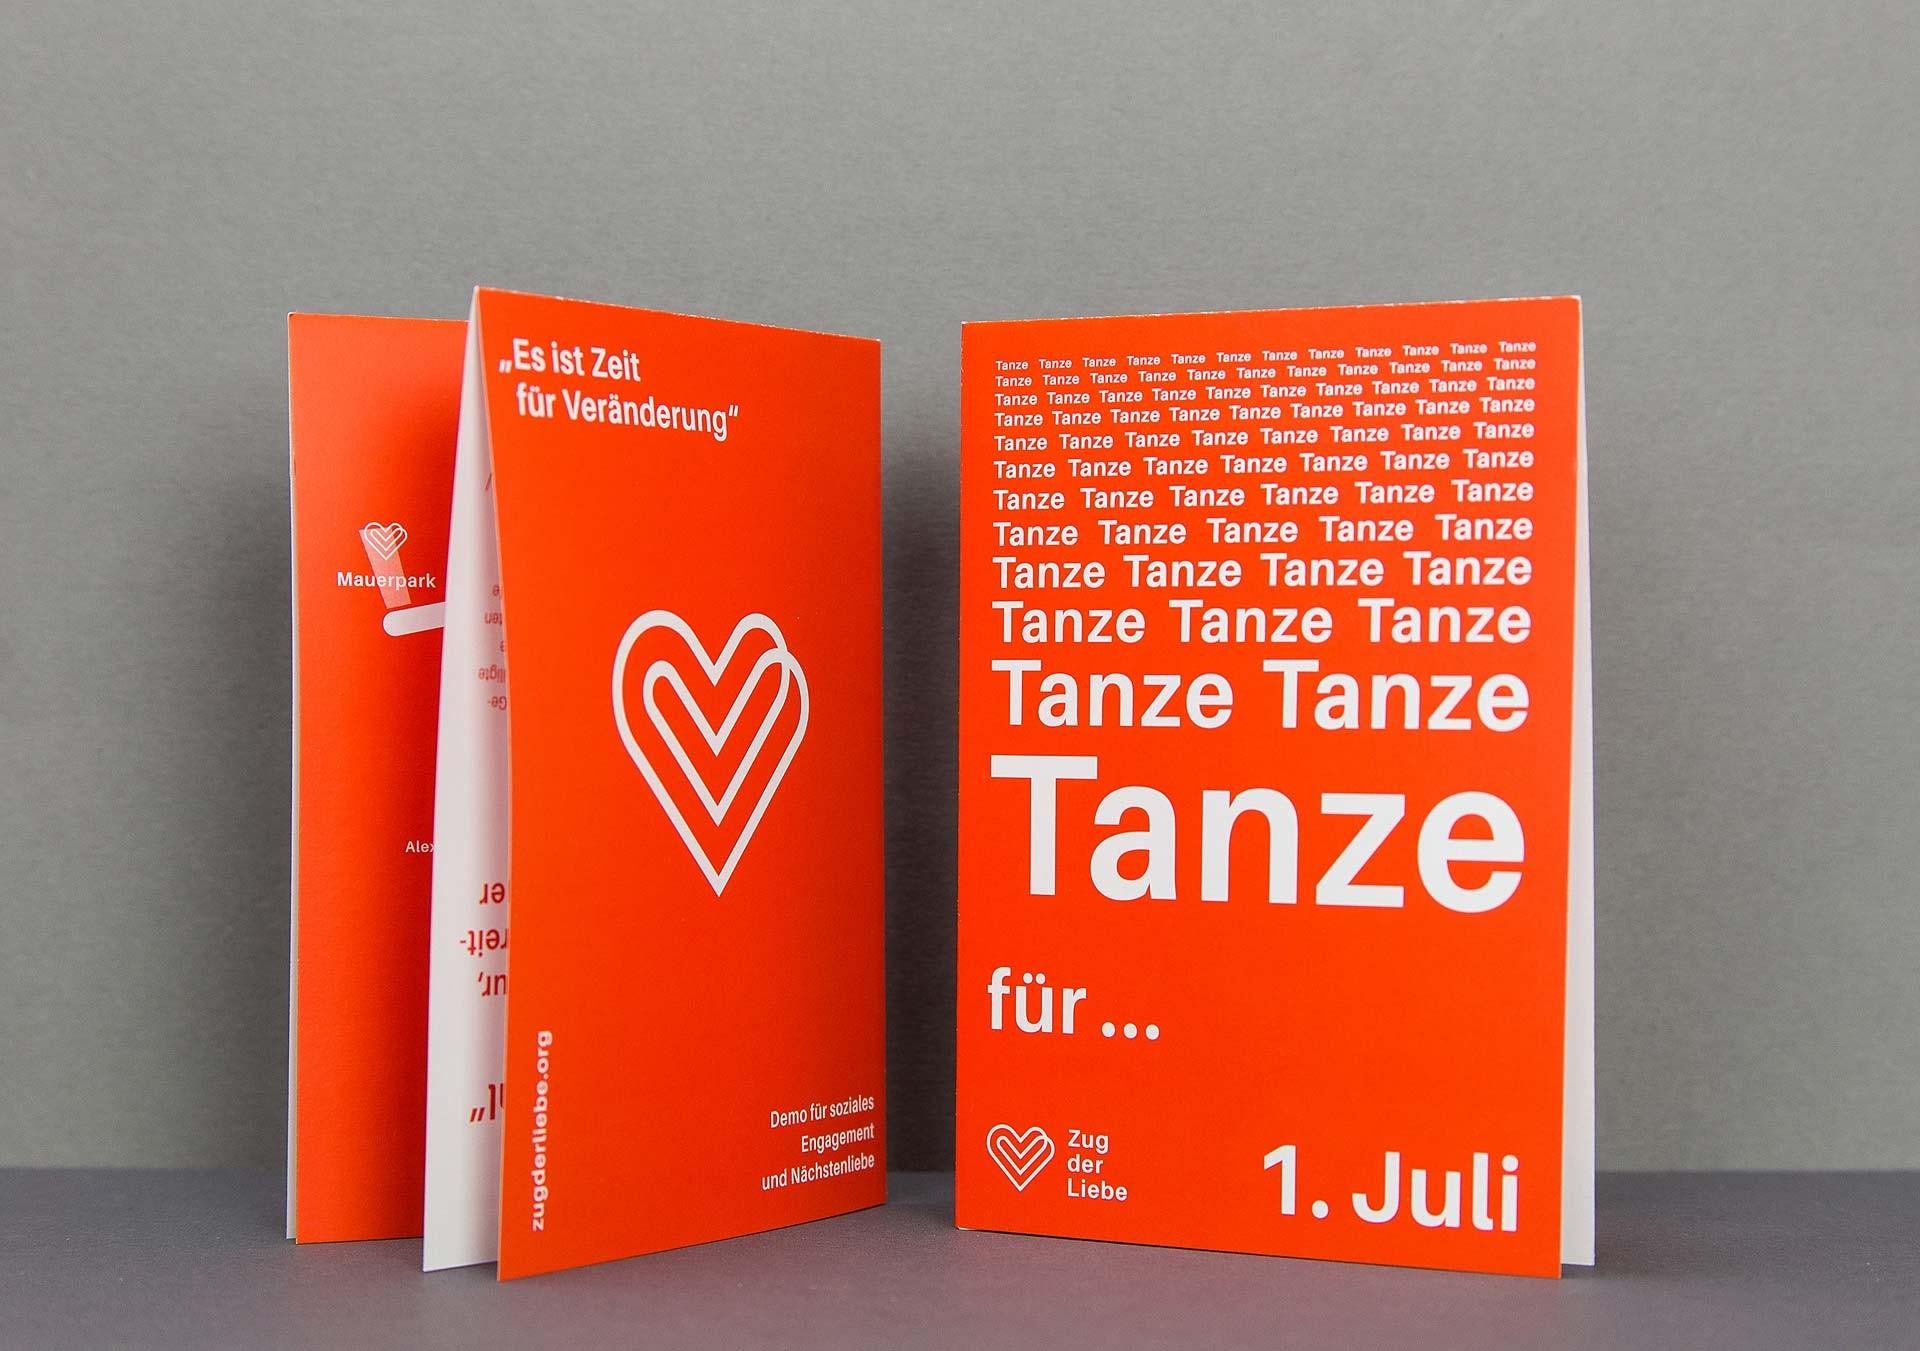 markburg – Studio für Markenbildung & Gestaltung Zug der Liebe 2017